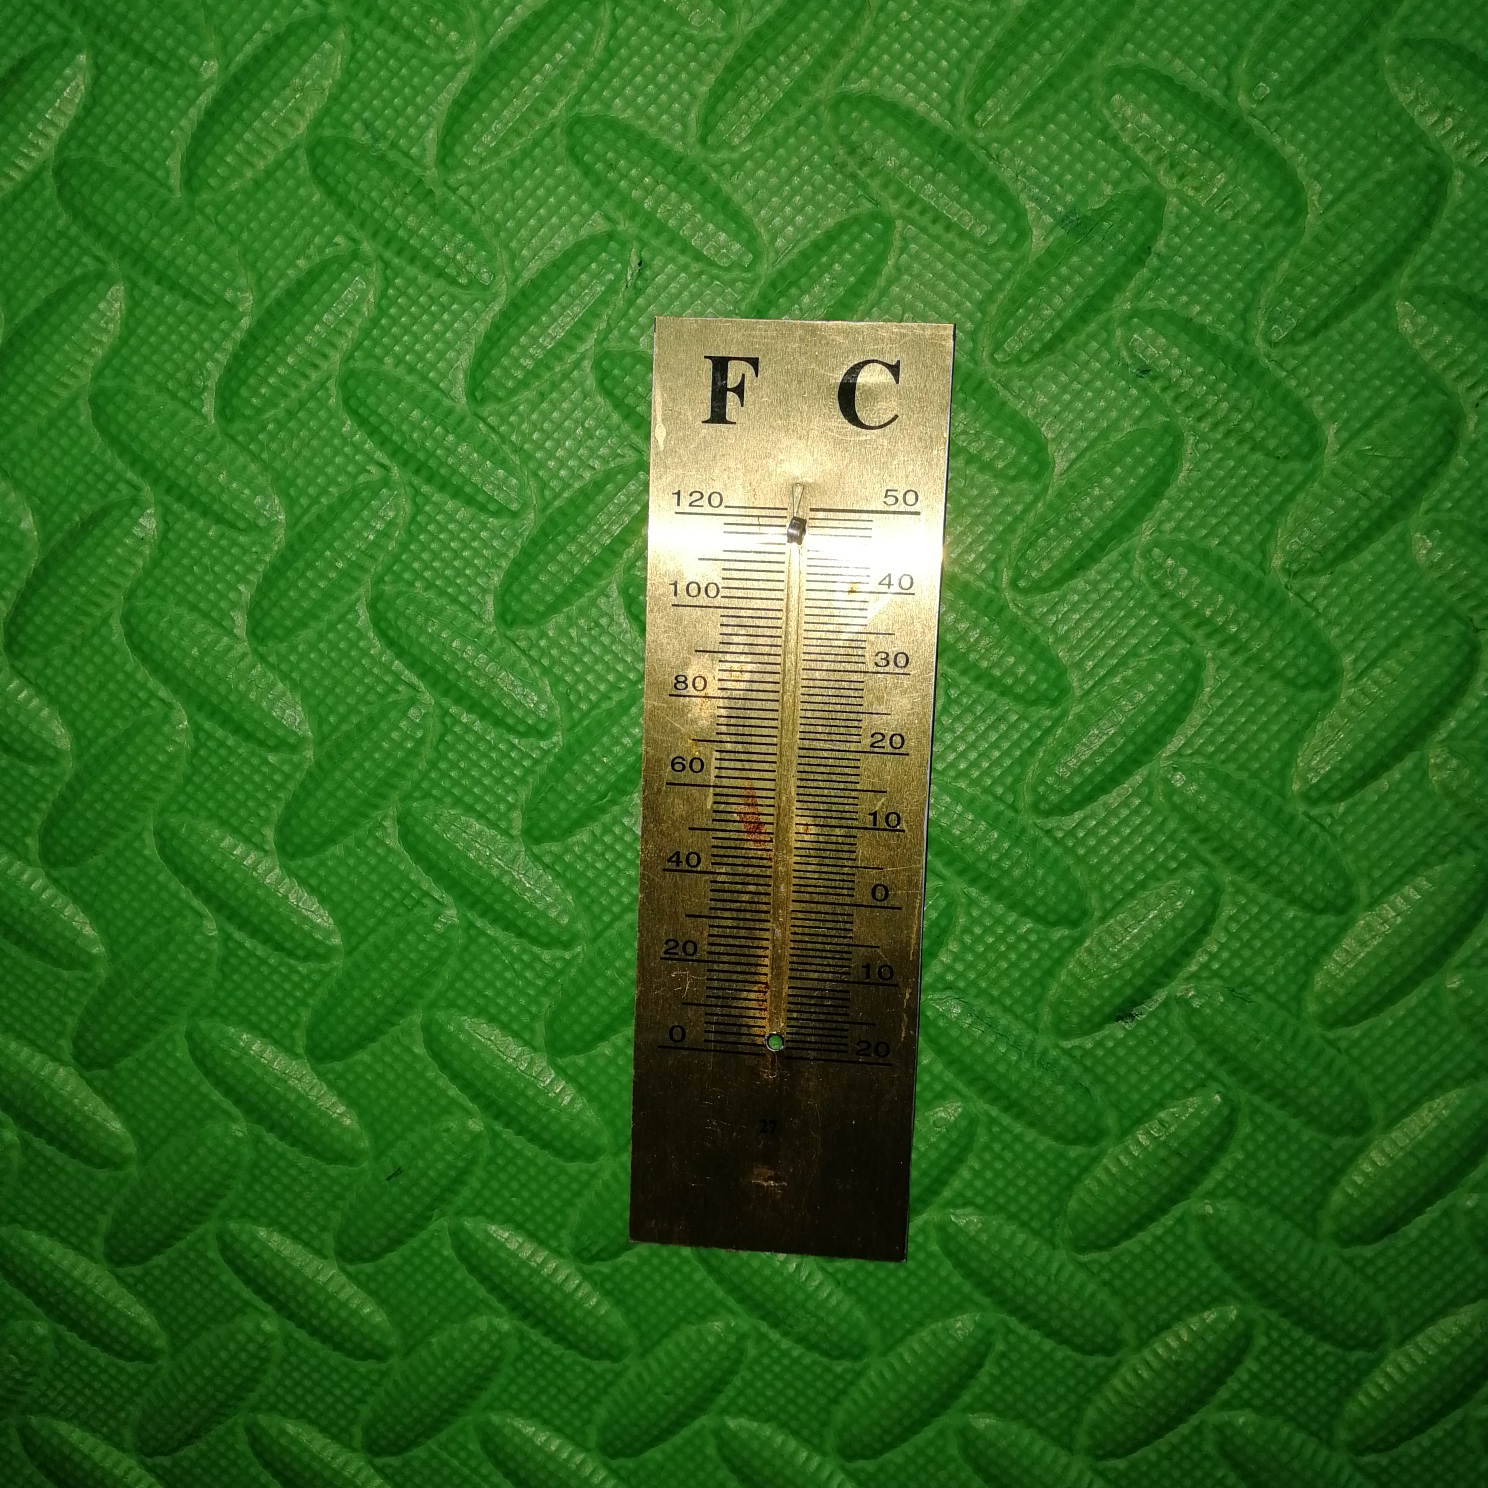 供应工艺品配件温度计,各种材质配件温度计